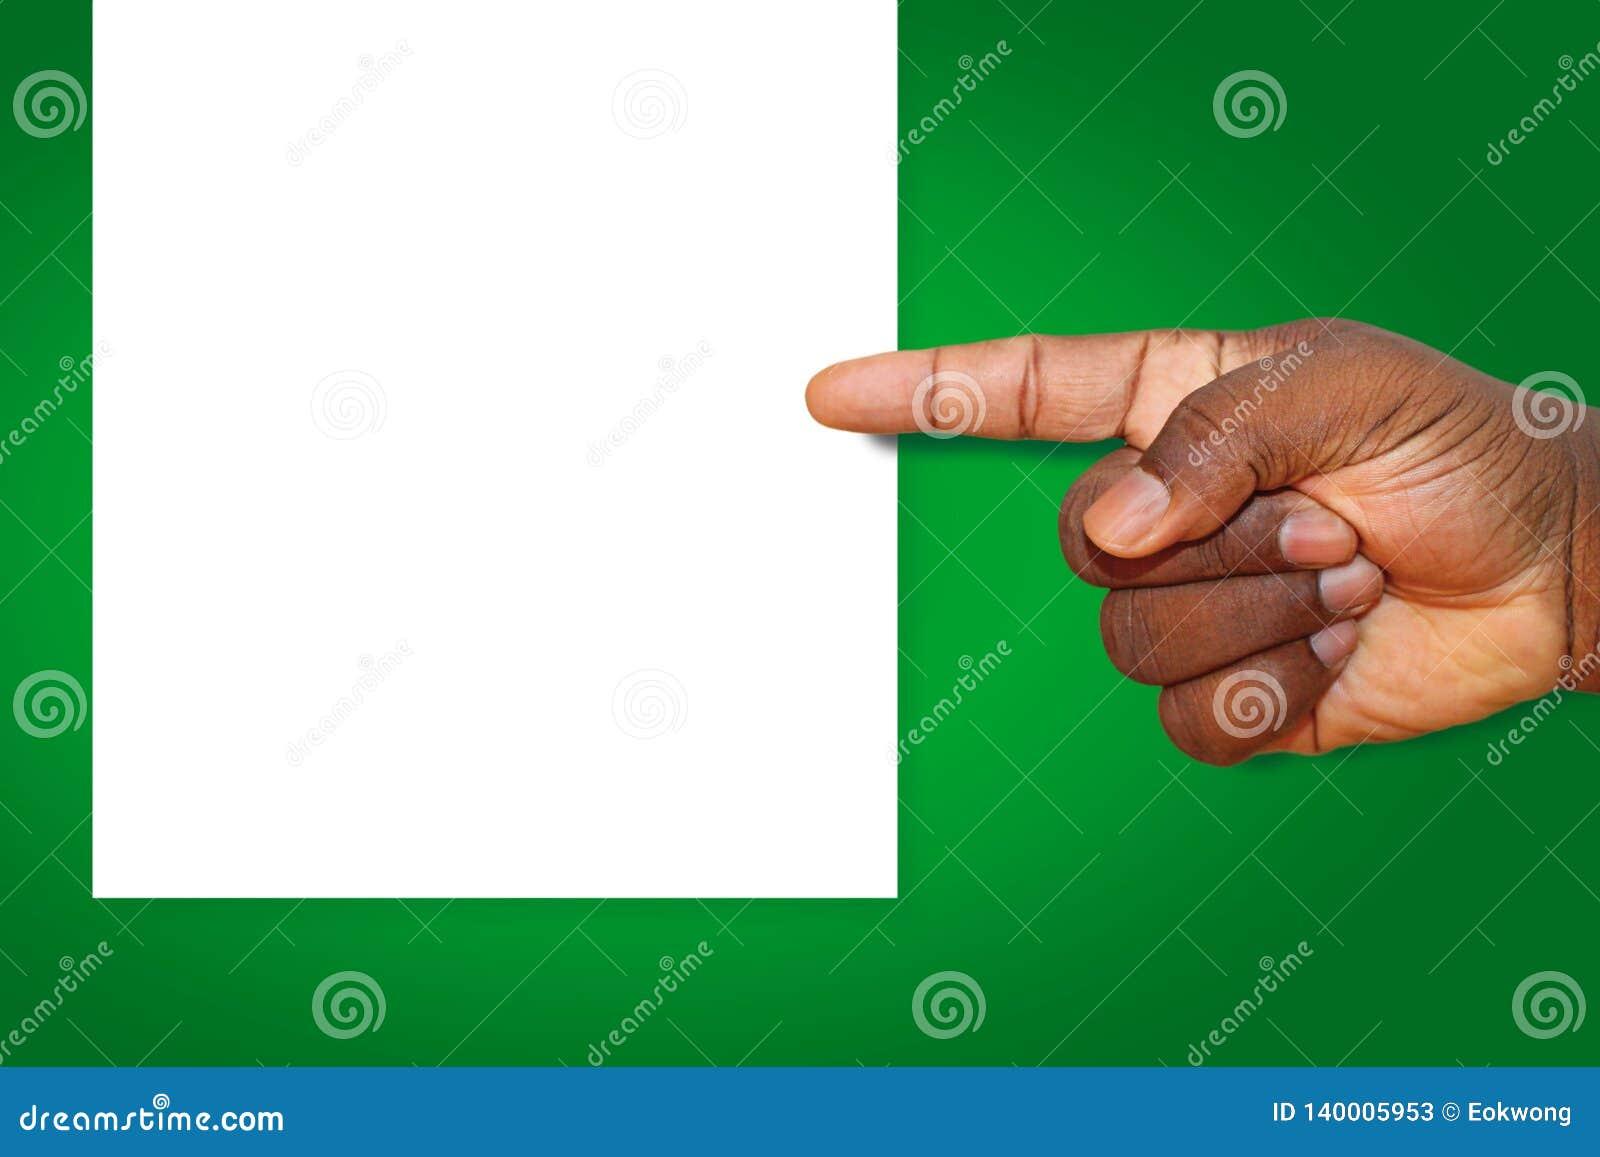 Afro-americano, mão do homem negro apontando a esquerda em uma folha de papel vazia